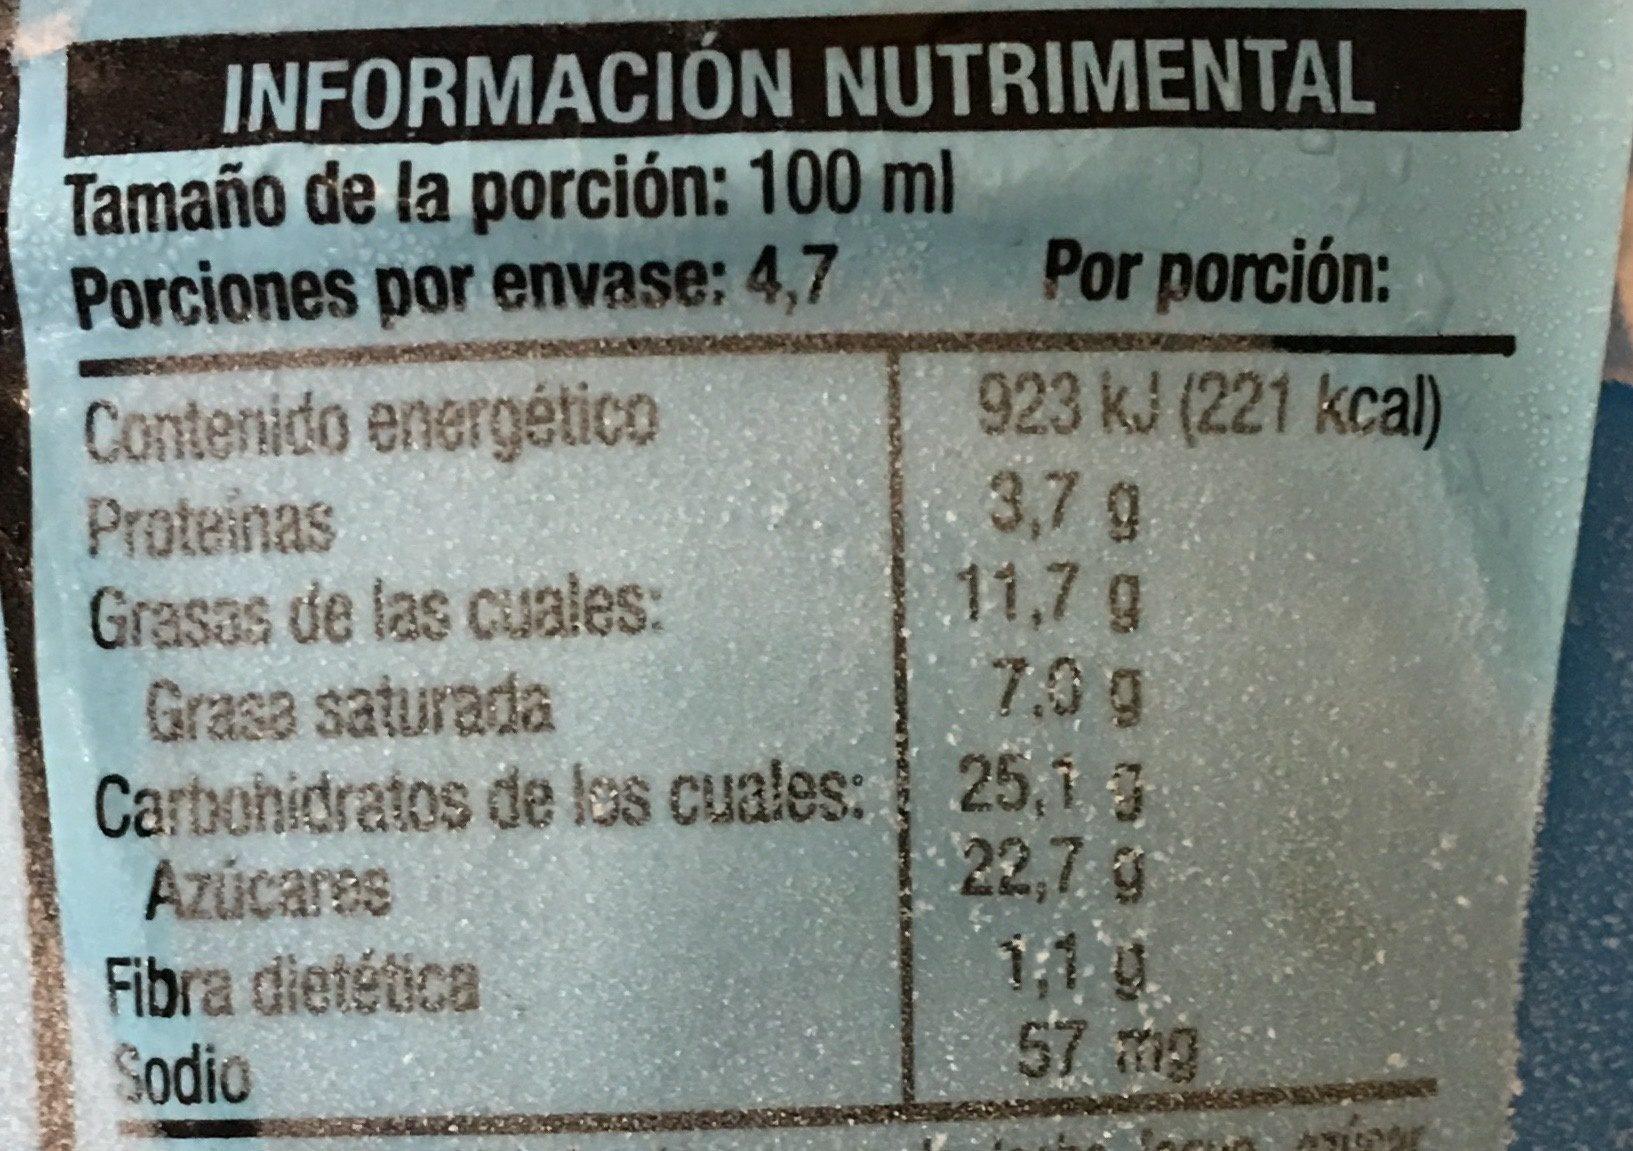 Brownie batter core ice cream - Información nutricional - es